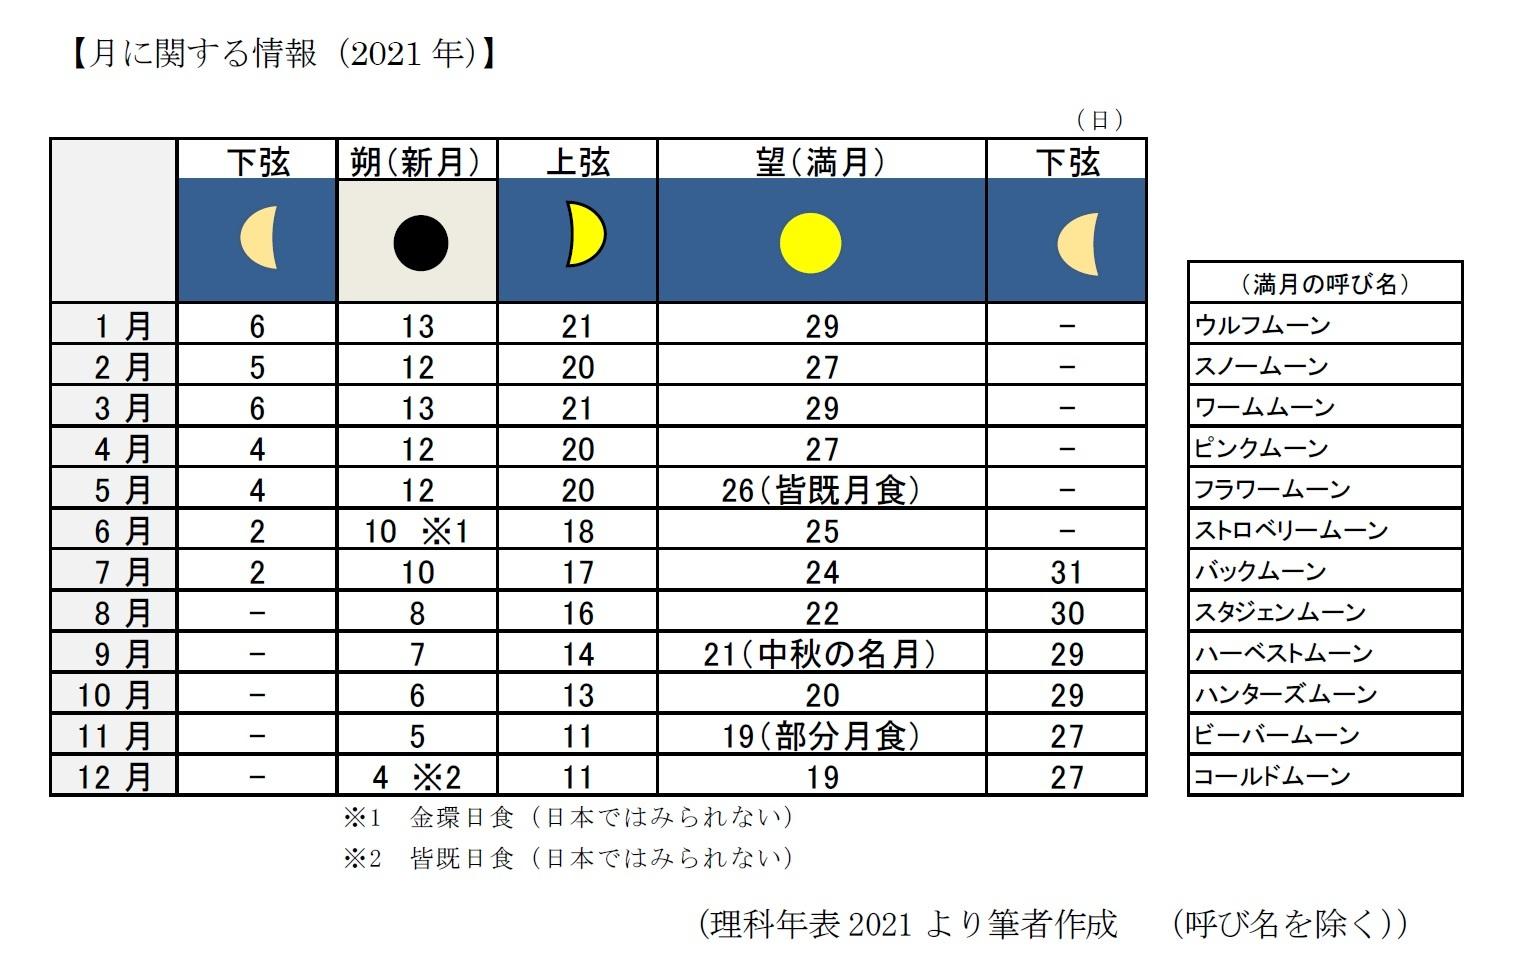 月に関する情報(2021年)